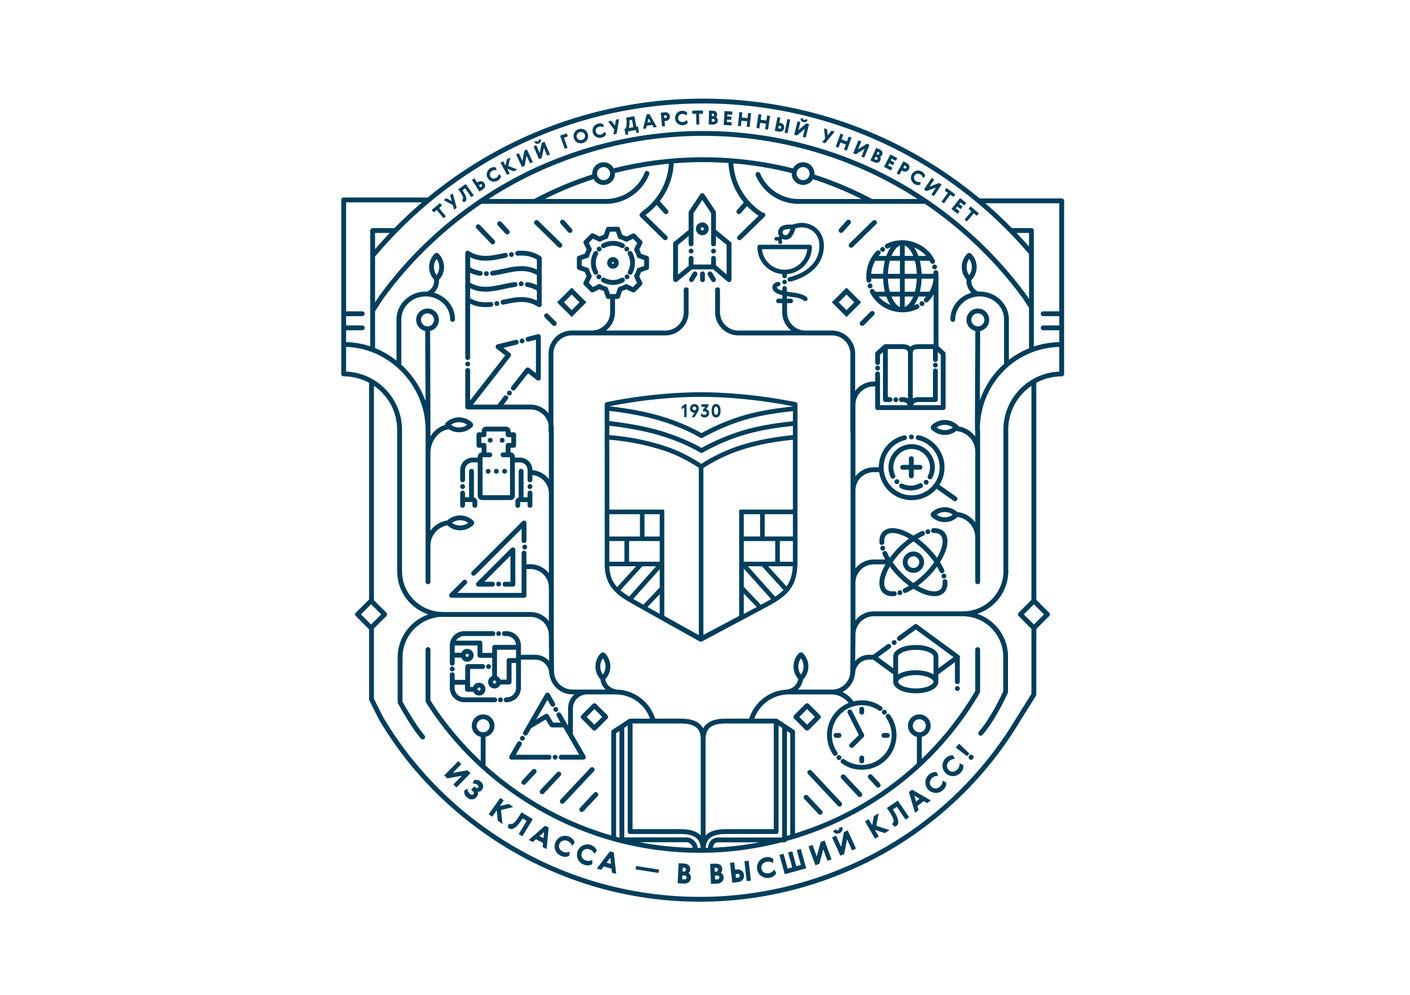 Айдентика для Тульского государственного университета - hsedesignlab.ru